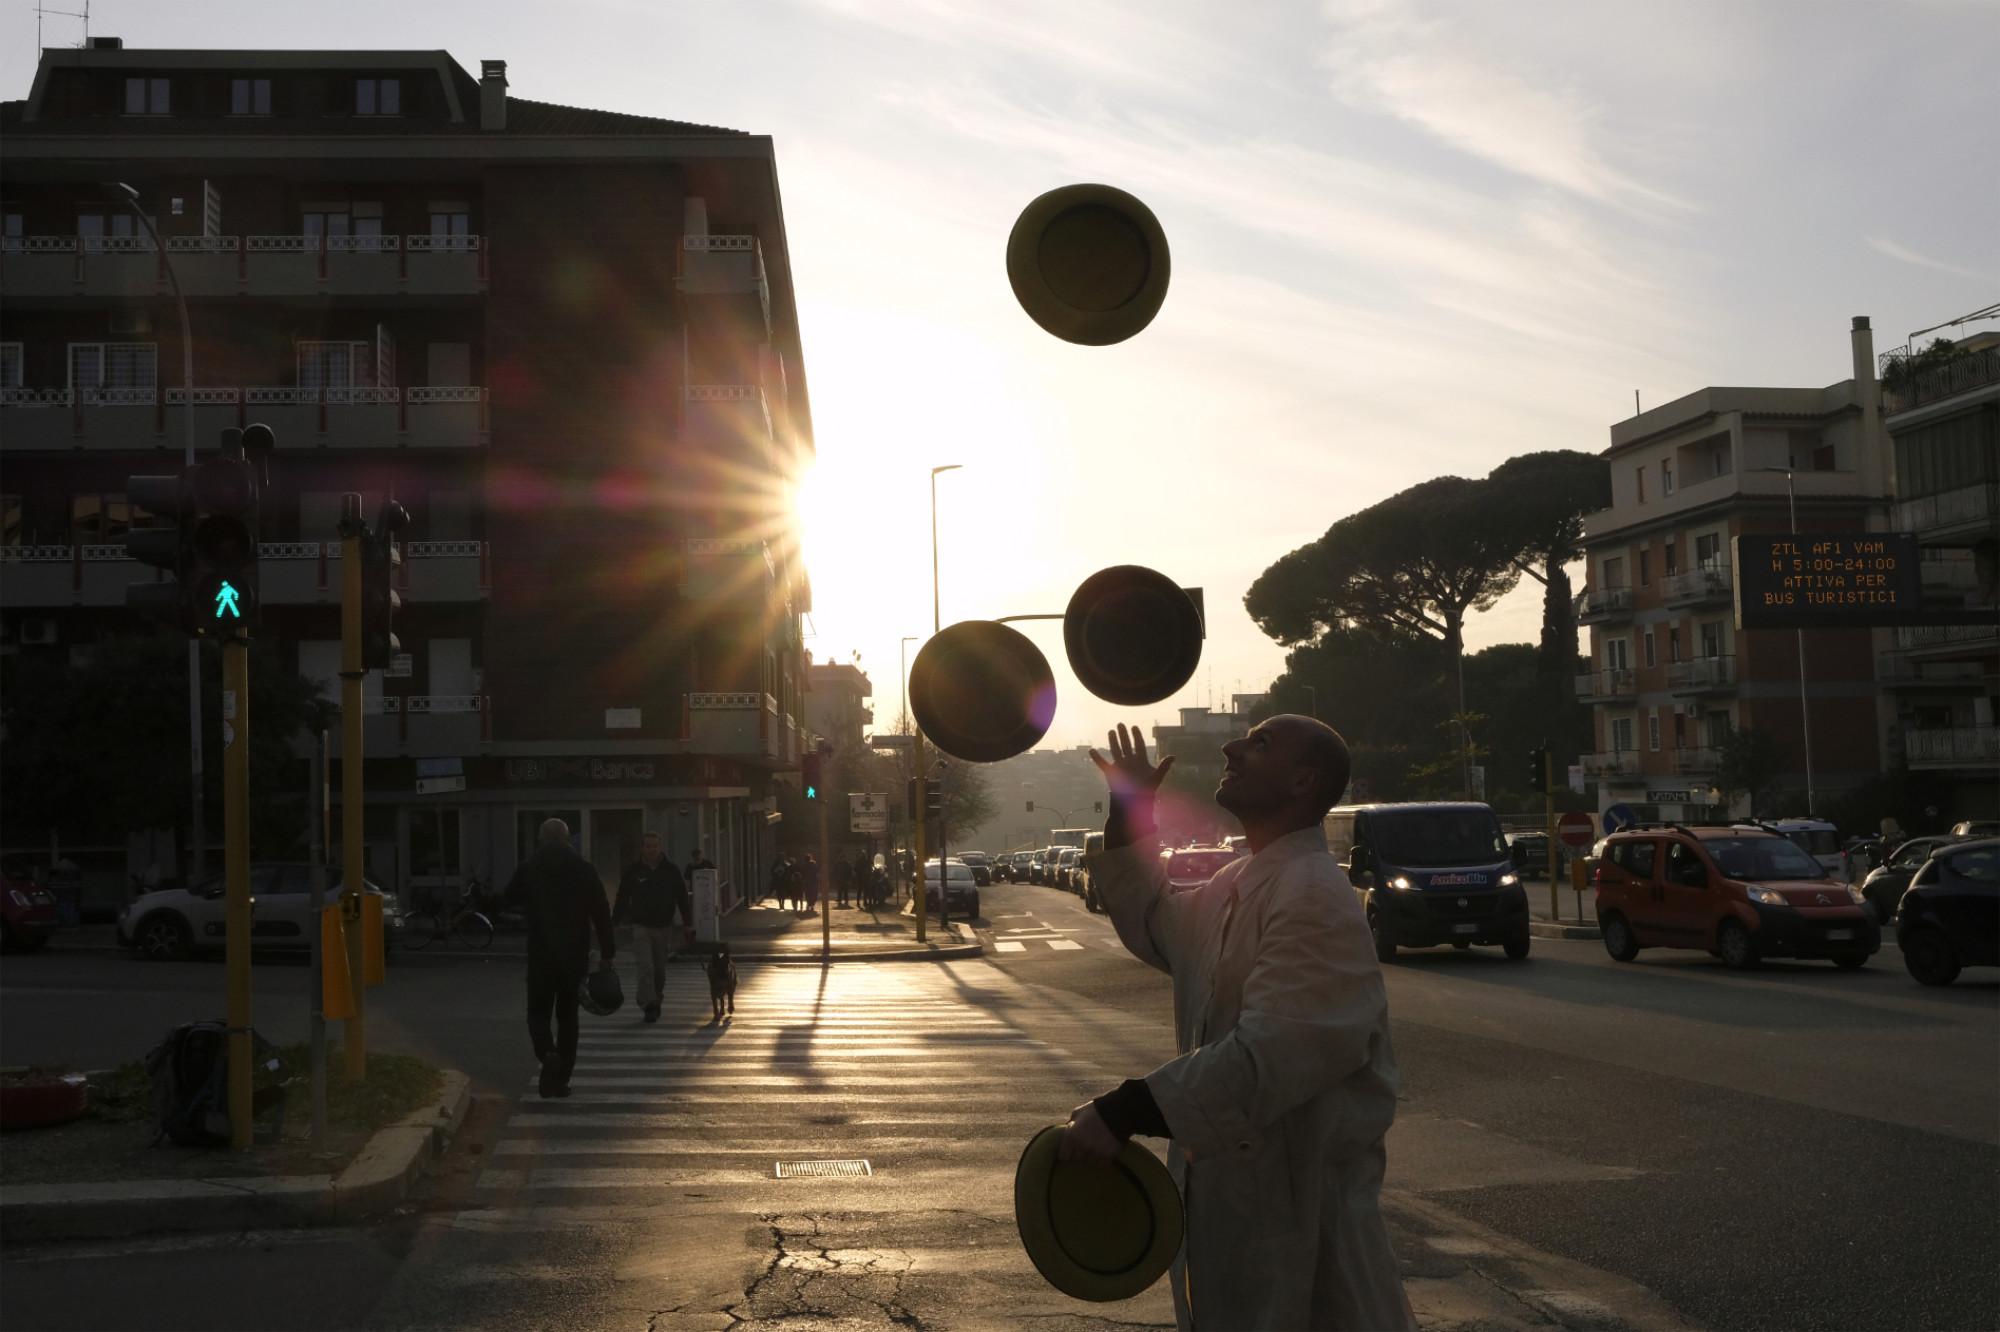 Andrea, a street juggler, Rome, Italy, 2019